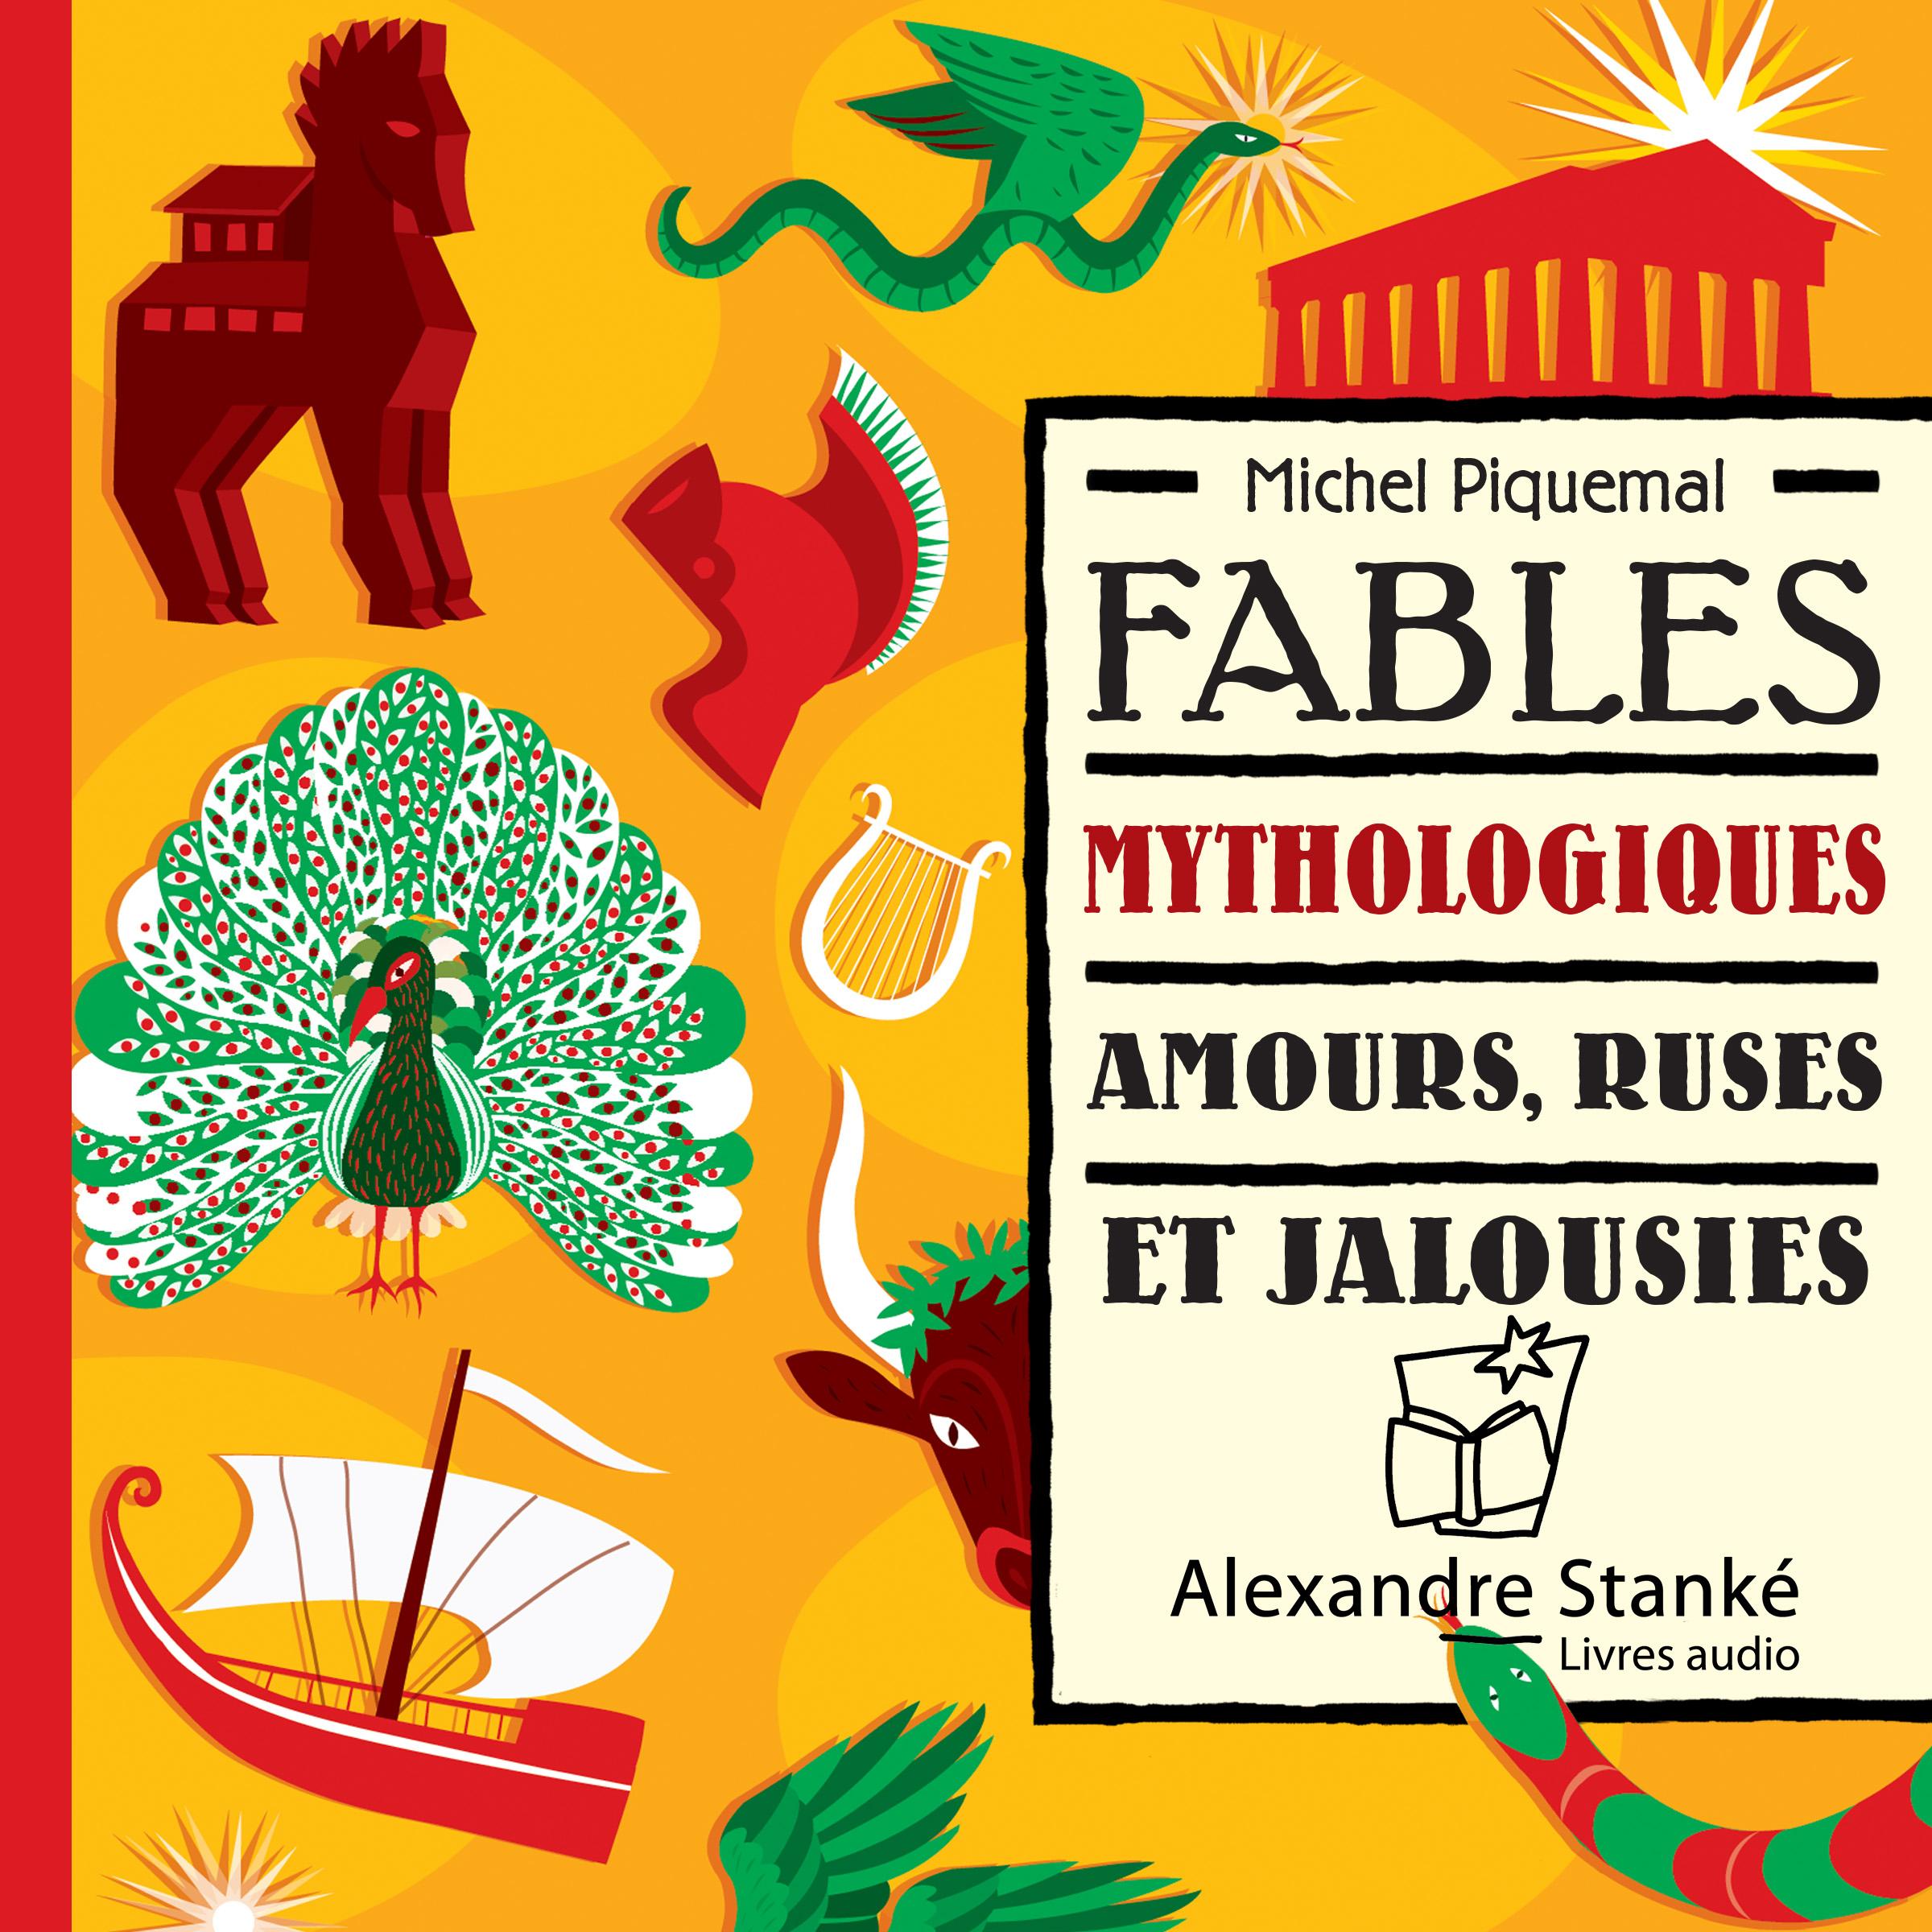 Fables mythologique : amours ruses et jalousies